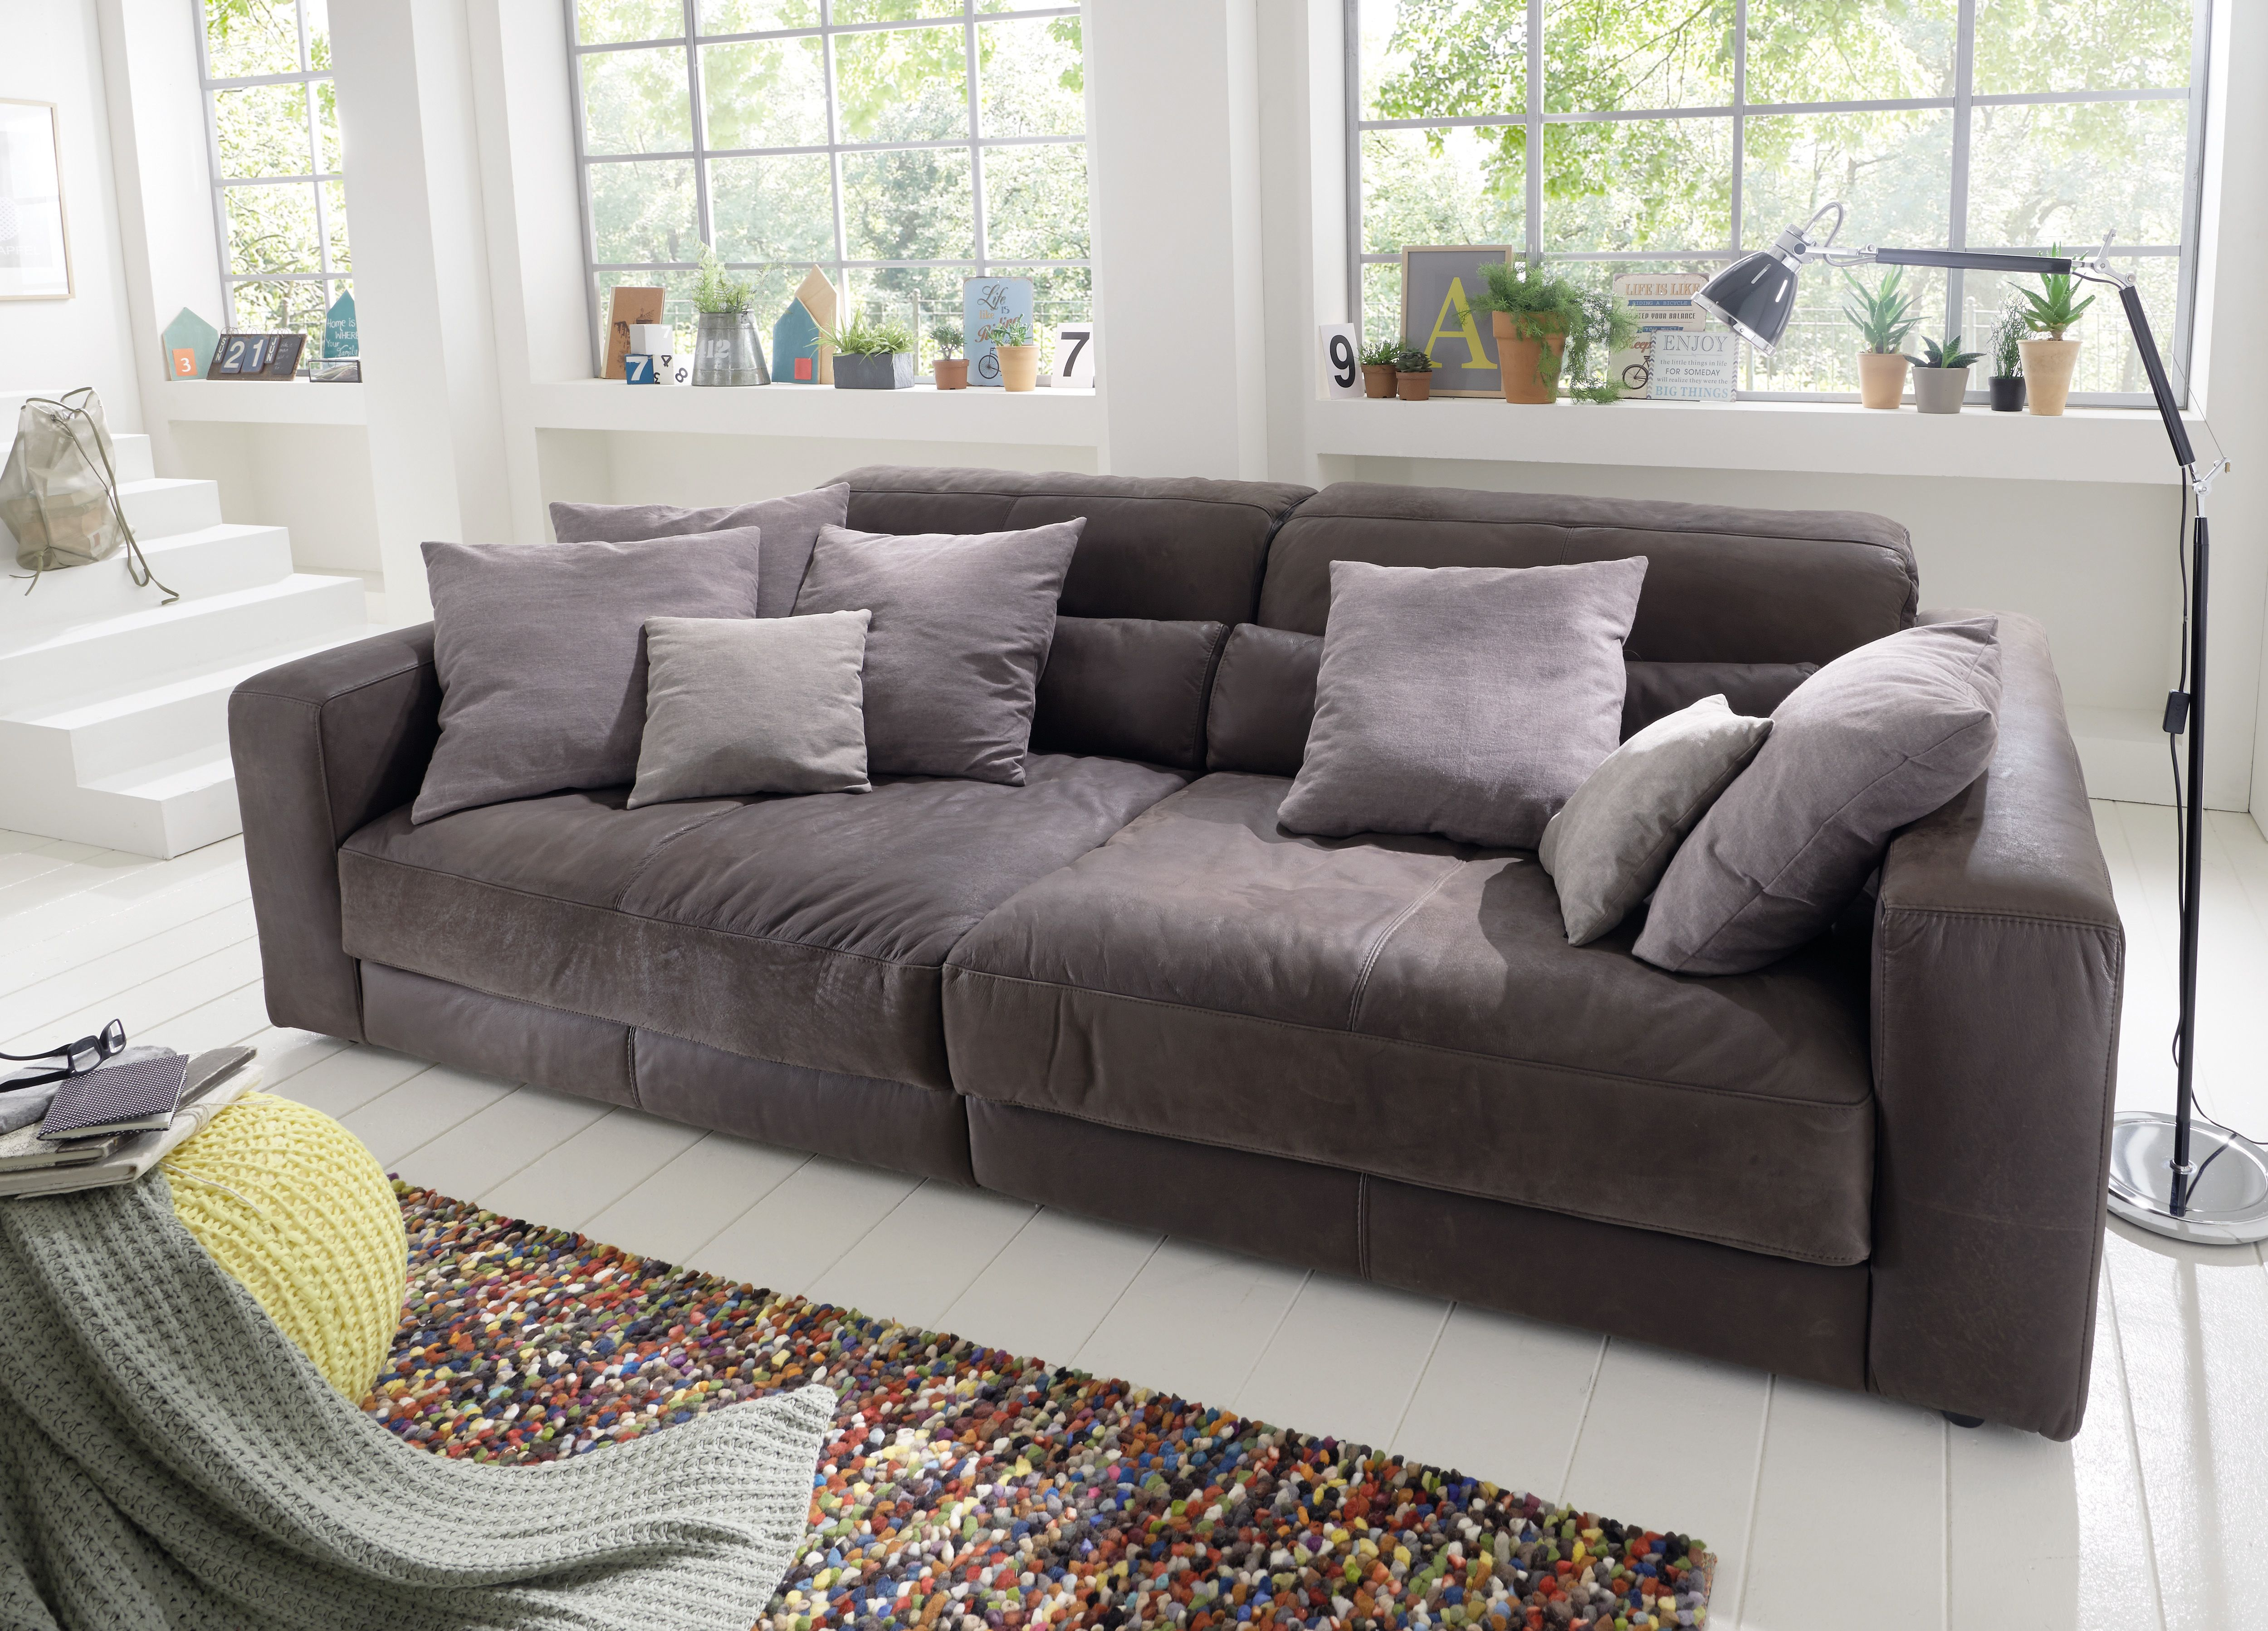 Riesen Ledersofa Extra Tiefes Sofa Um Einfach Mal Zu Chillen